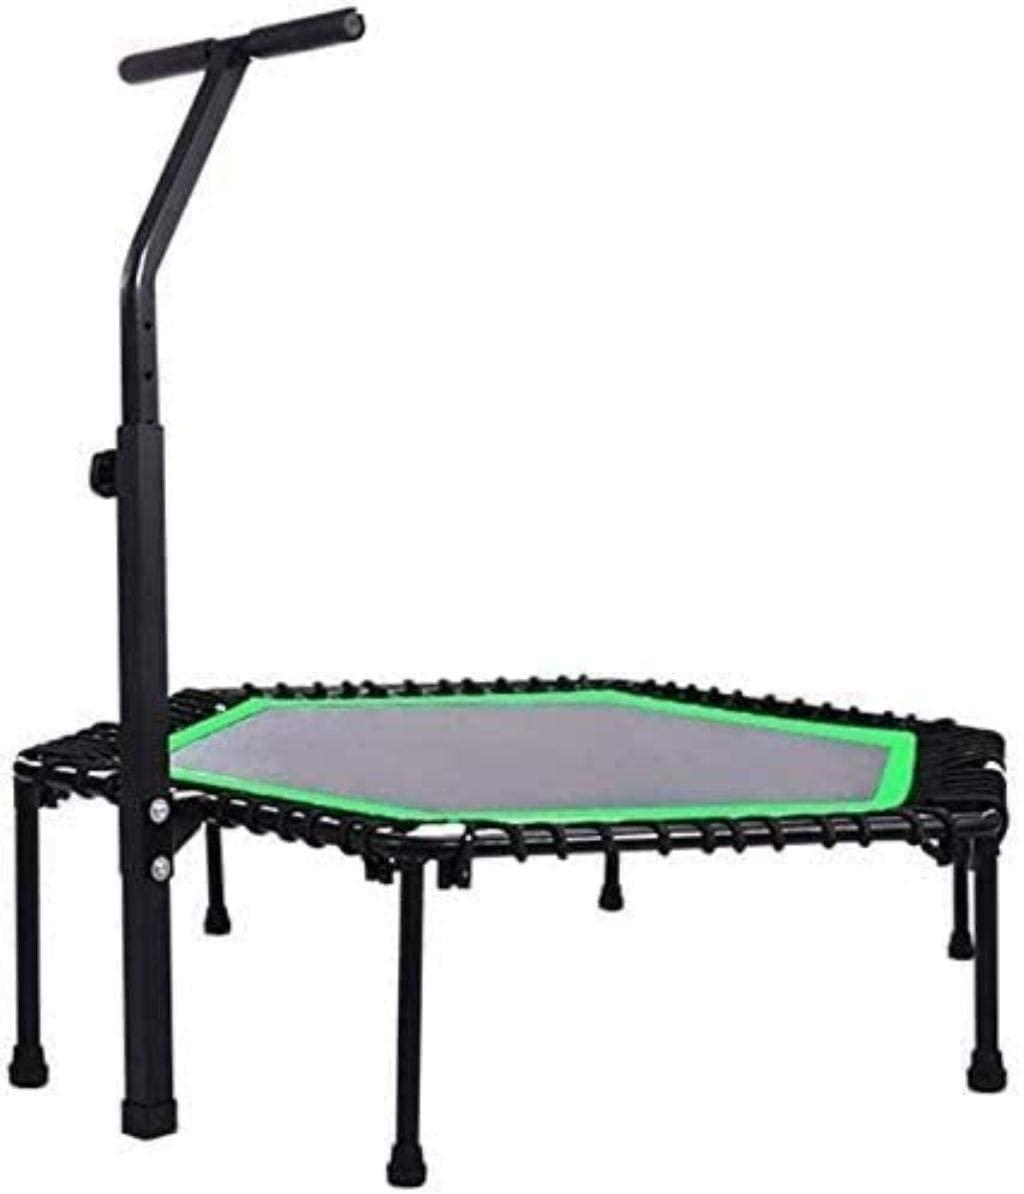 DIMPLEYA 45 Inch Indoor Fitness Trampolines Trampoline Fitness Trampoline for Hexagonal Folding Trampoline with T Armrest Green Indoor Trampoline